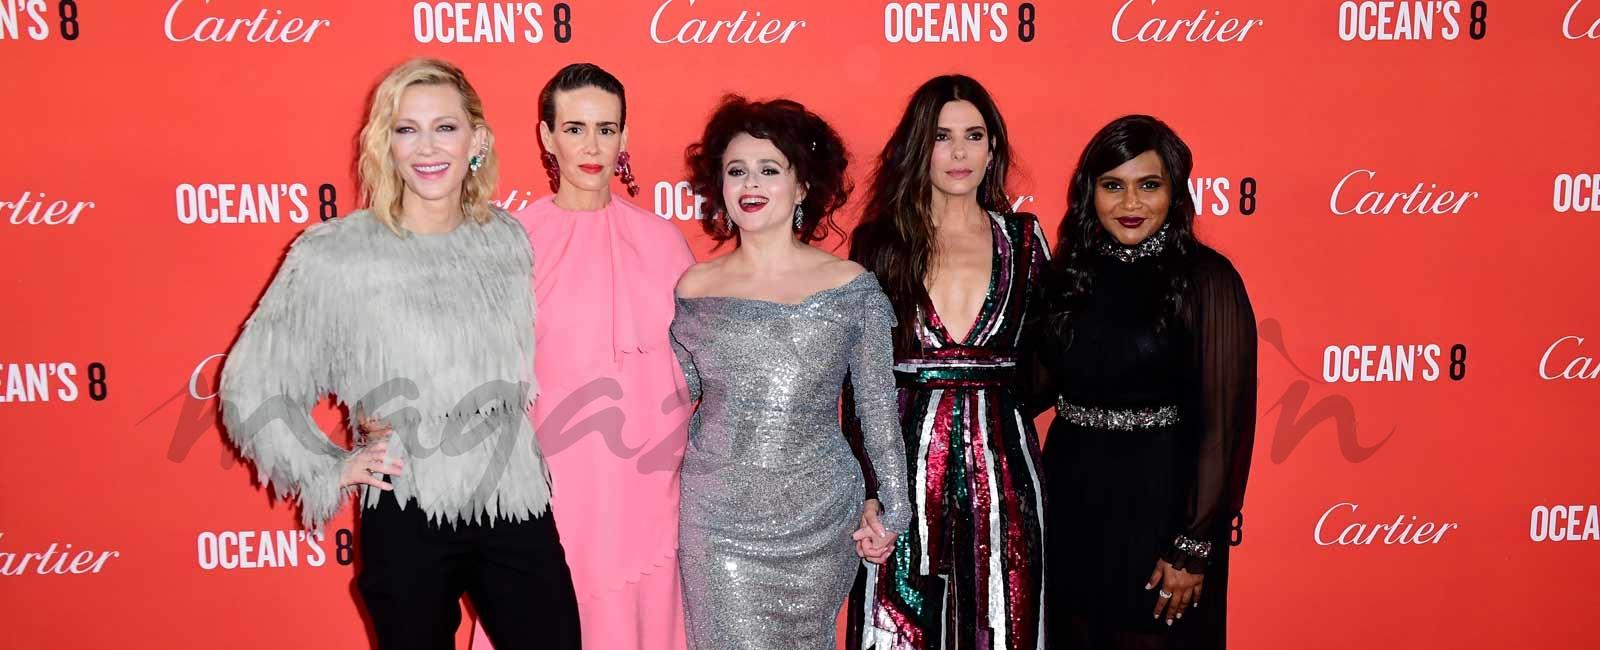 Las chicas de Ocean's 8 conquistan Londres